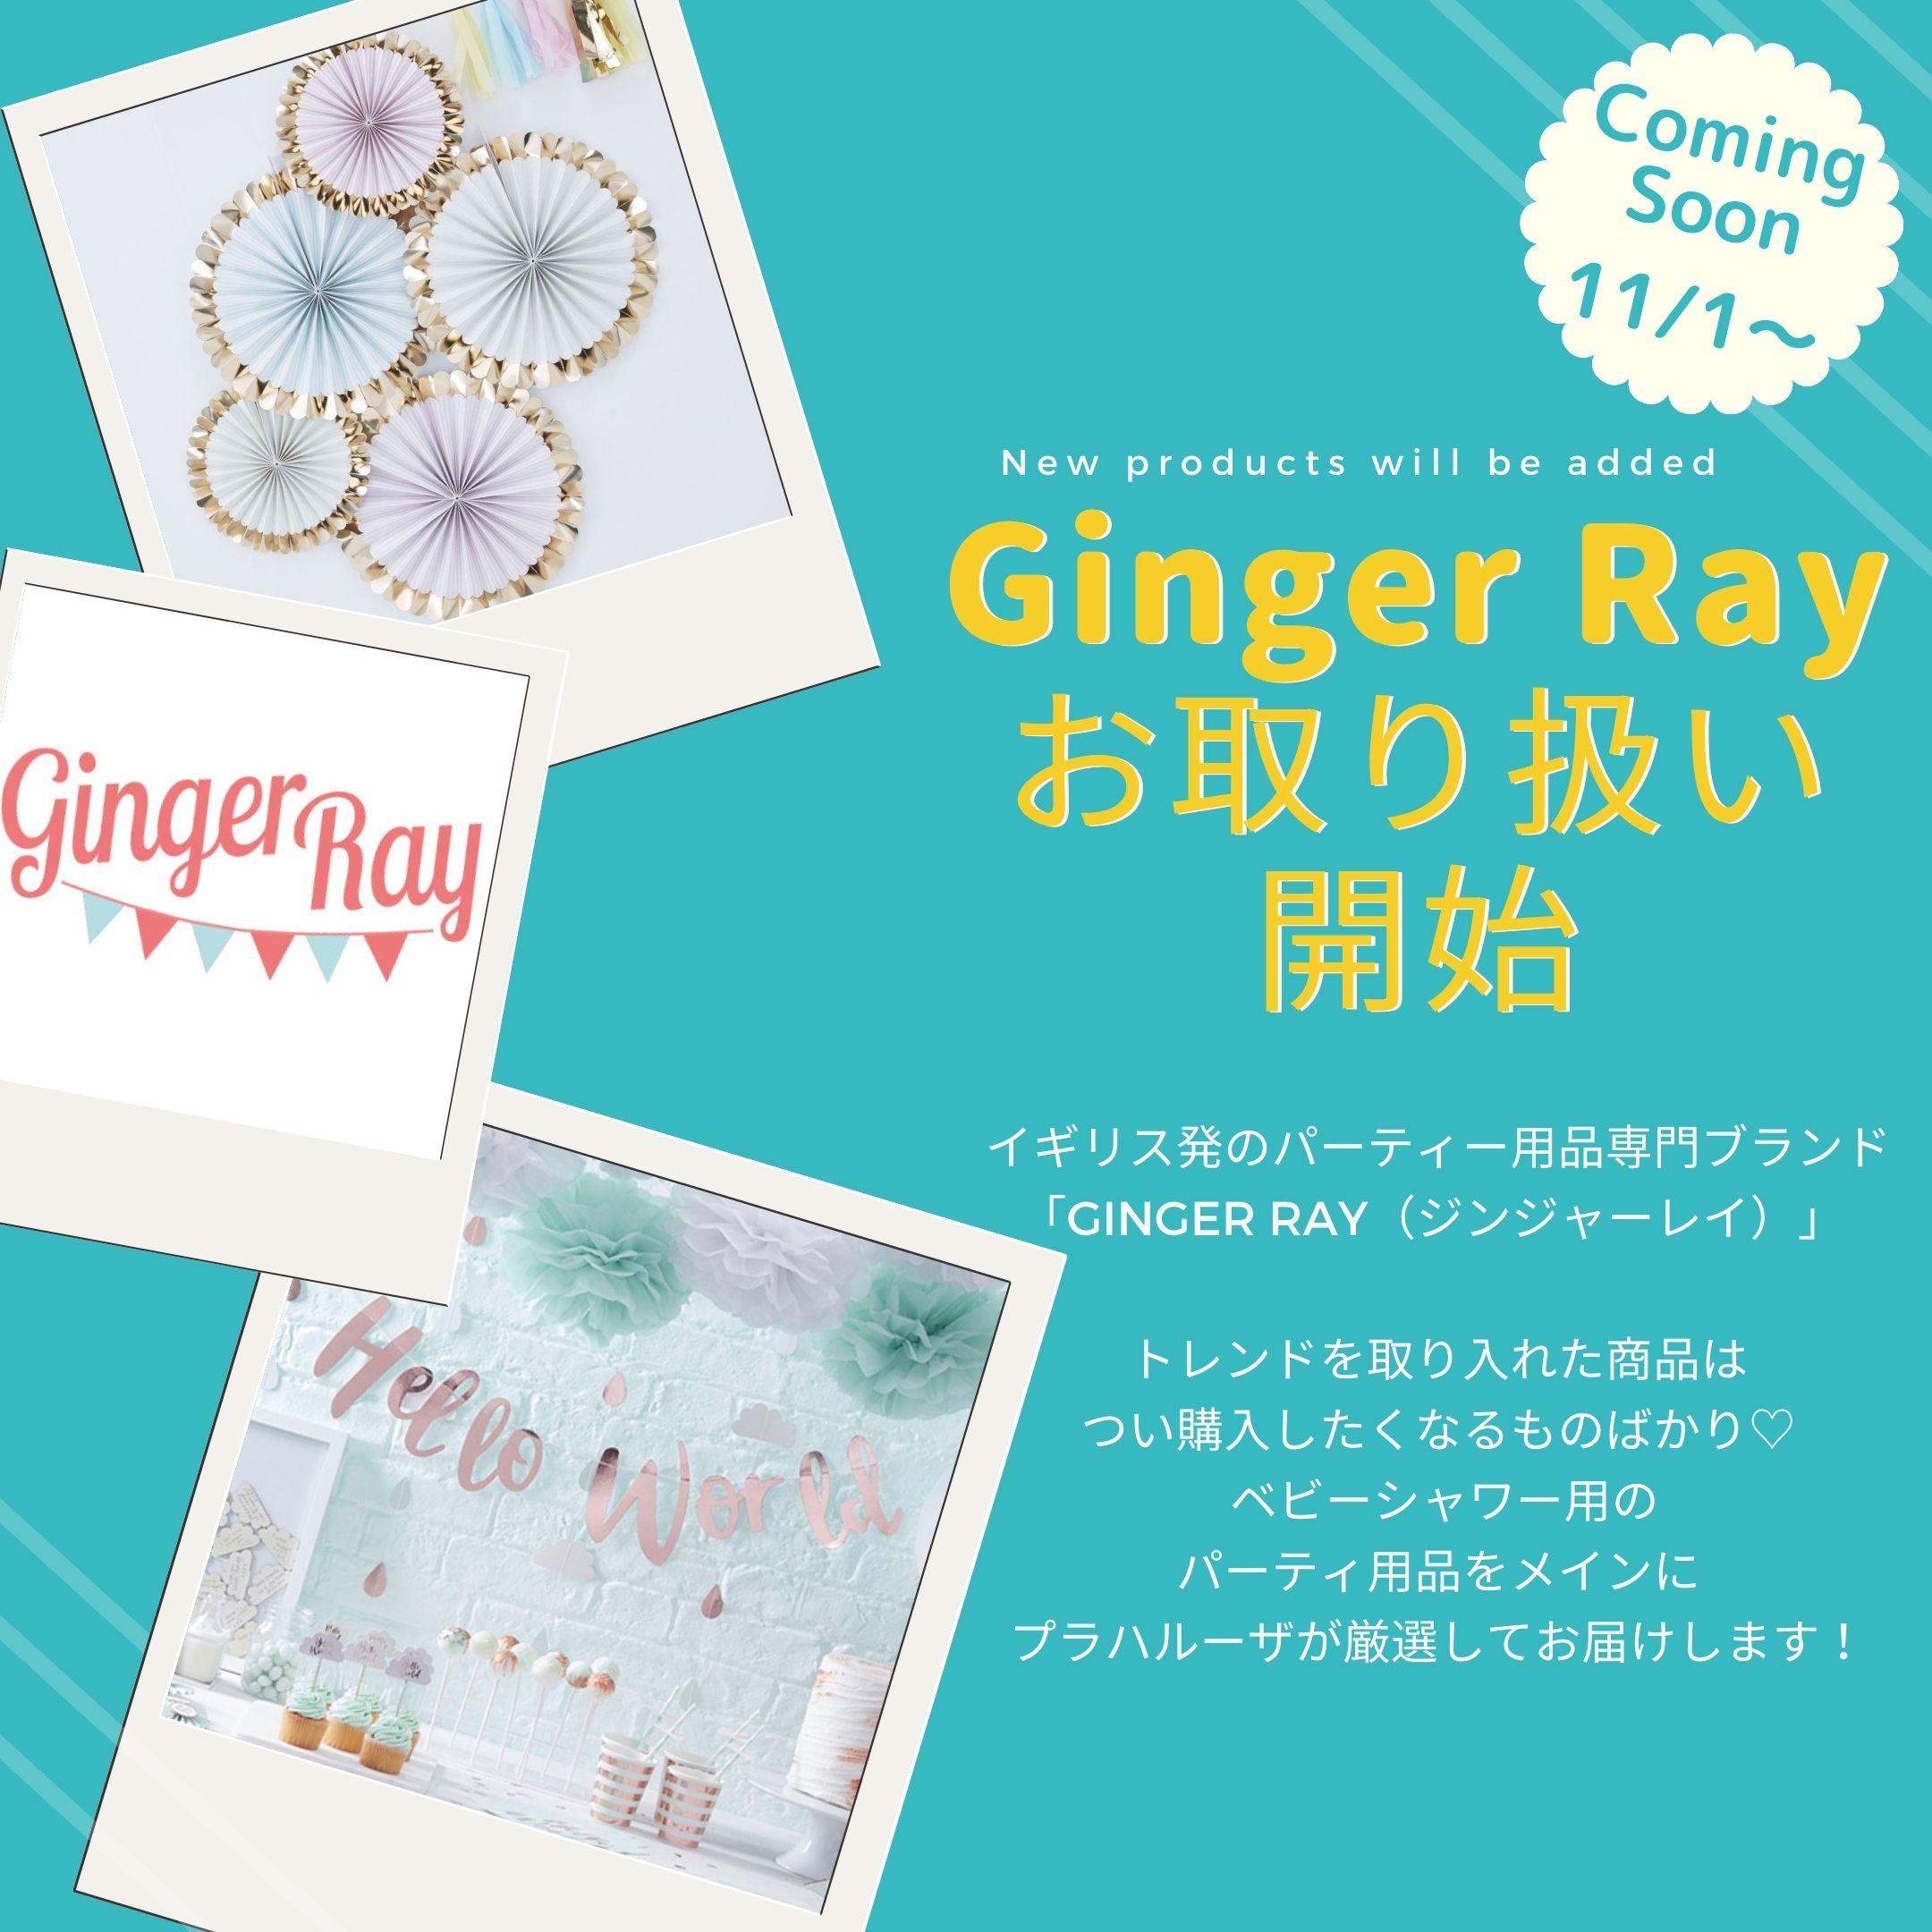 Ginger Ray 取り扱い開始